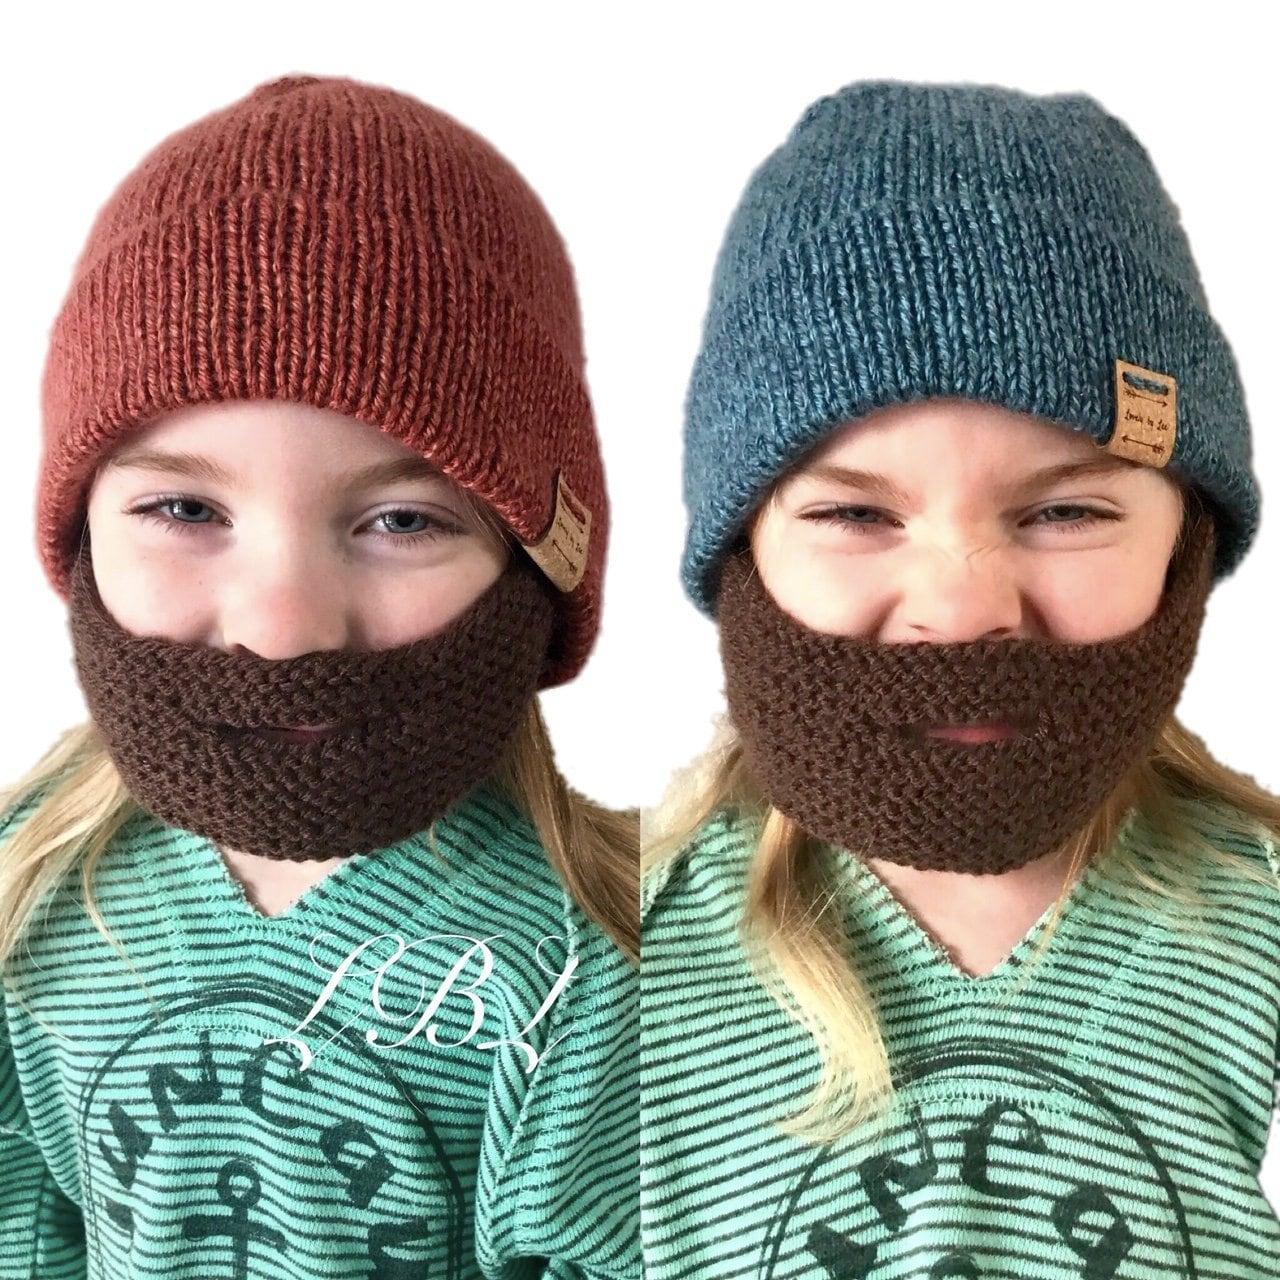 PATTERN: Strappy Beard Cap Knitting Pattern Convertible ...